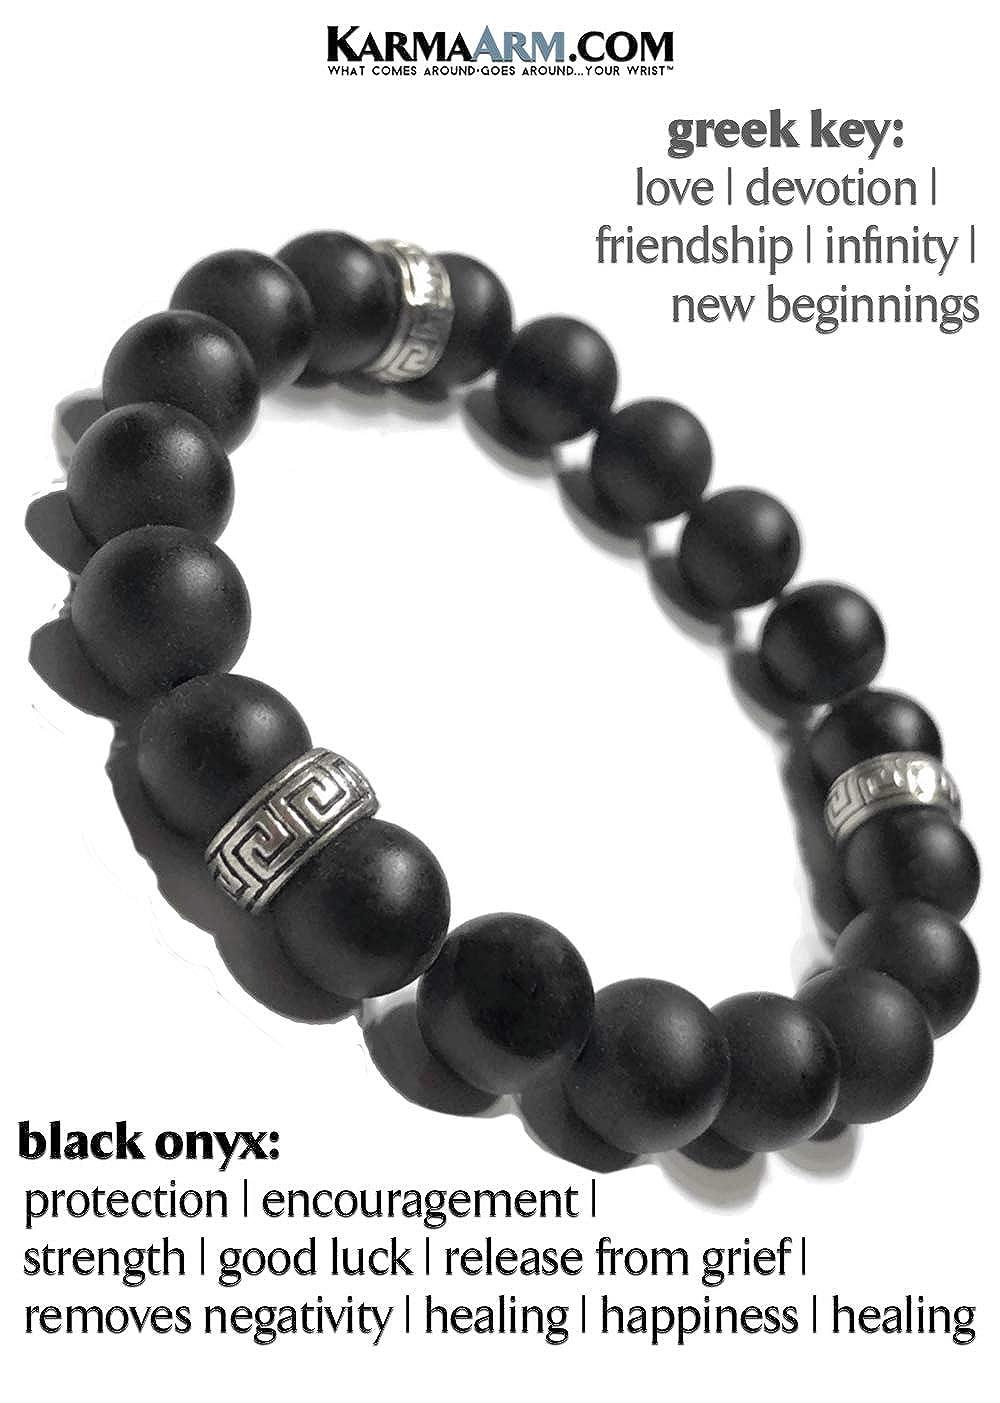 KarmaArm Greek Key Love Bracelet Boho Wrap Stretch Chakra Reiki Healing Energy Beaded Yoga Jewelry Meditation Wristband New Start : Matte Black Onyx